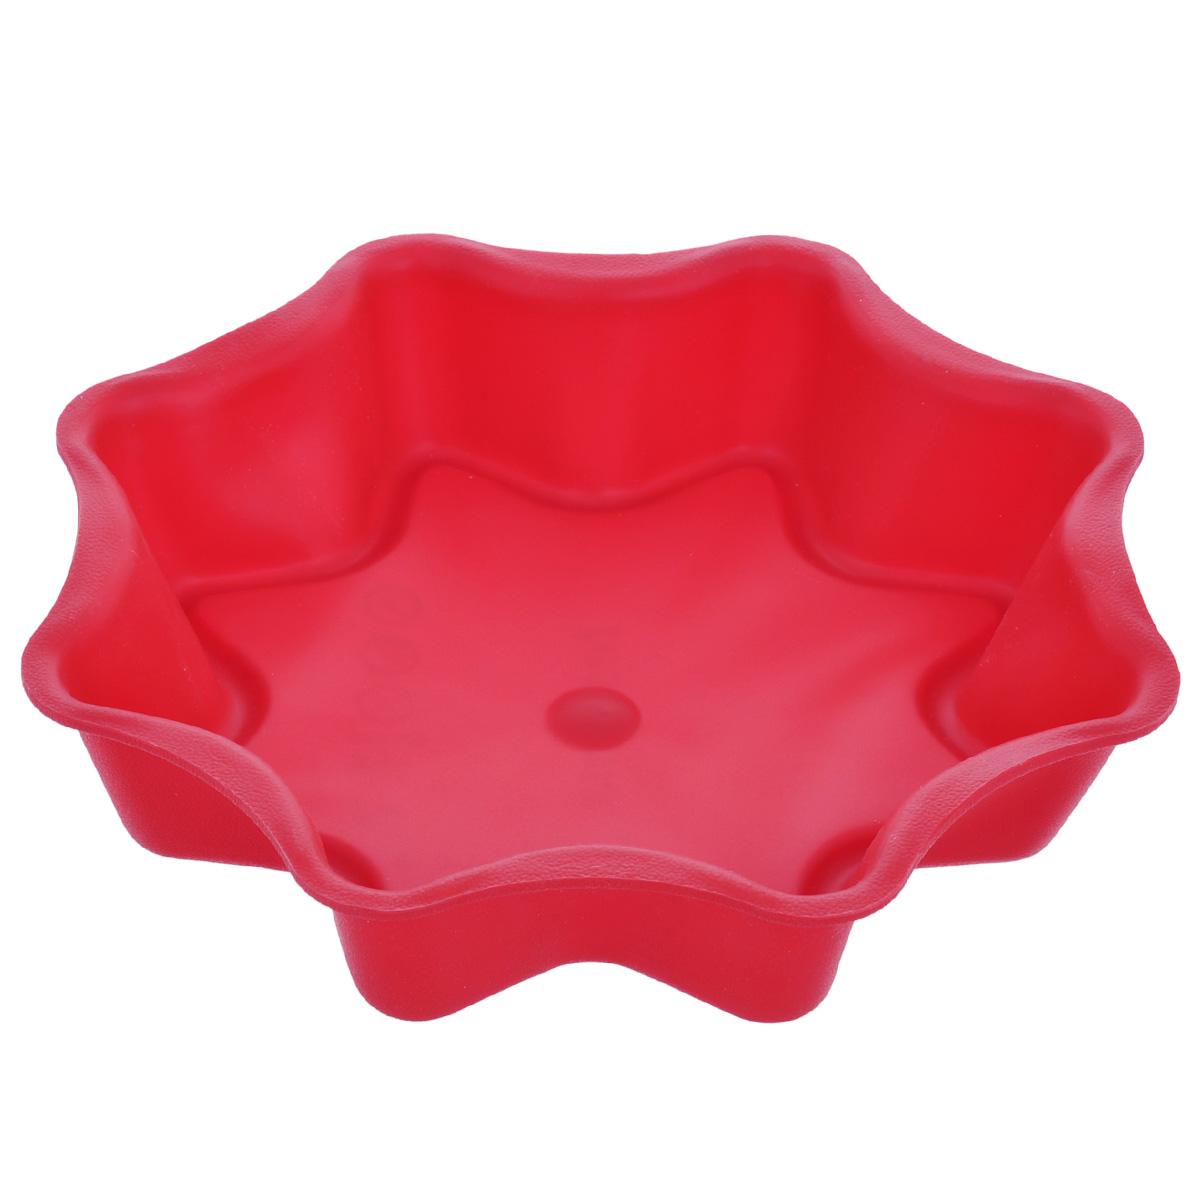 Форма для выпечки Tescoma Delicia Silicone, цвет: красный, диаметр 28 смSL-7060Форма Tescoma Delicia Silicone, выполненная в виде восьмиконечной звезды, будет отличным выбором для всех любителей выпечки. Благодаря тому, что форма изготовлена из силикона, готовую выпечку вынимать легко и просто. Форма прекрасно подходит для выпечки пирогов, тортов и других десертов. С такой формой вы всегда сможете порадовать своих близких оригинальной выпечкой. Материал изделия устойчив к фруктовым кислотам, может быть использован в духовках, микроволновых печах, холодильниках и морозильных камерах (выдерживает температуру от -40°C до 230°C). Антипригарные свойства материала позволяют готовить без использования масла.Можно мыть и сушить в посудомоечной машине. При работе с формой используйте кухонный инструмент из силикона - кисти, лопатки, скребки. Не ставьте форму на электрическую конфорку. Не разрезайте выпечку прямо в форме.